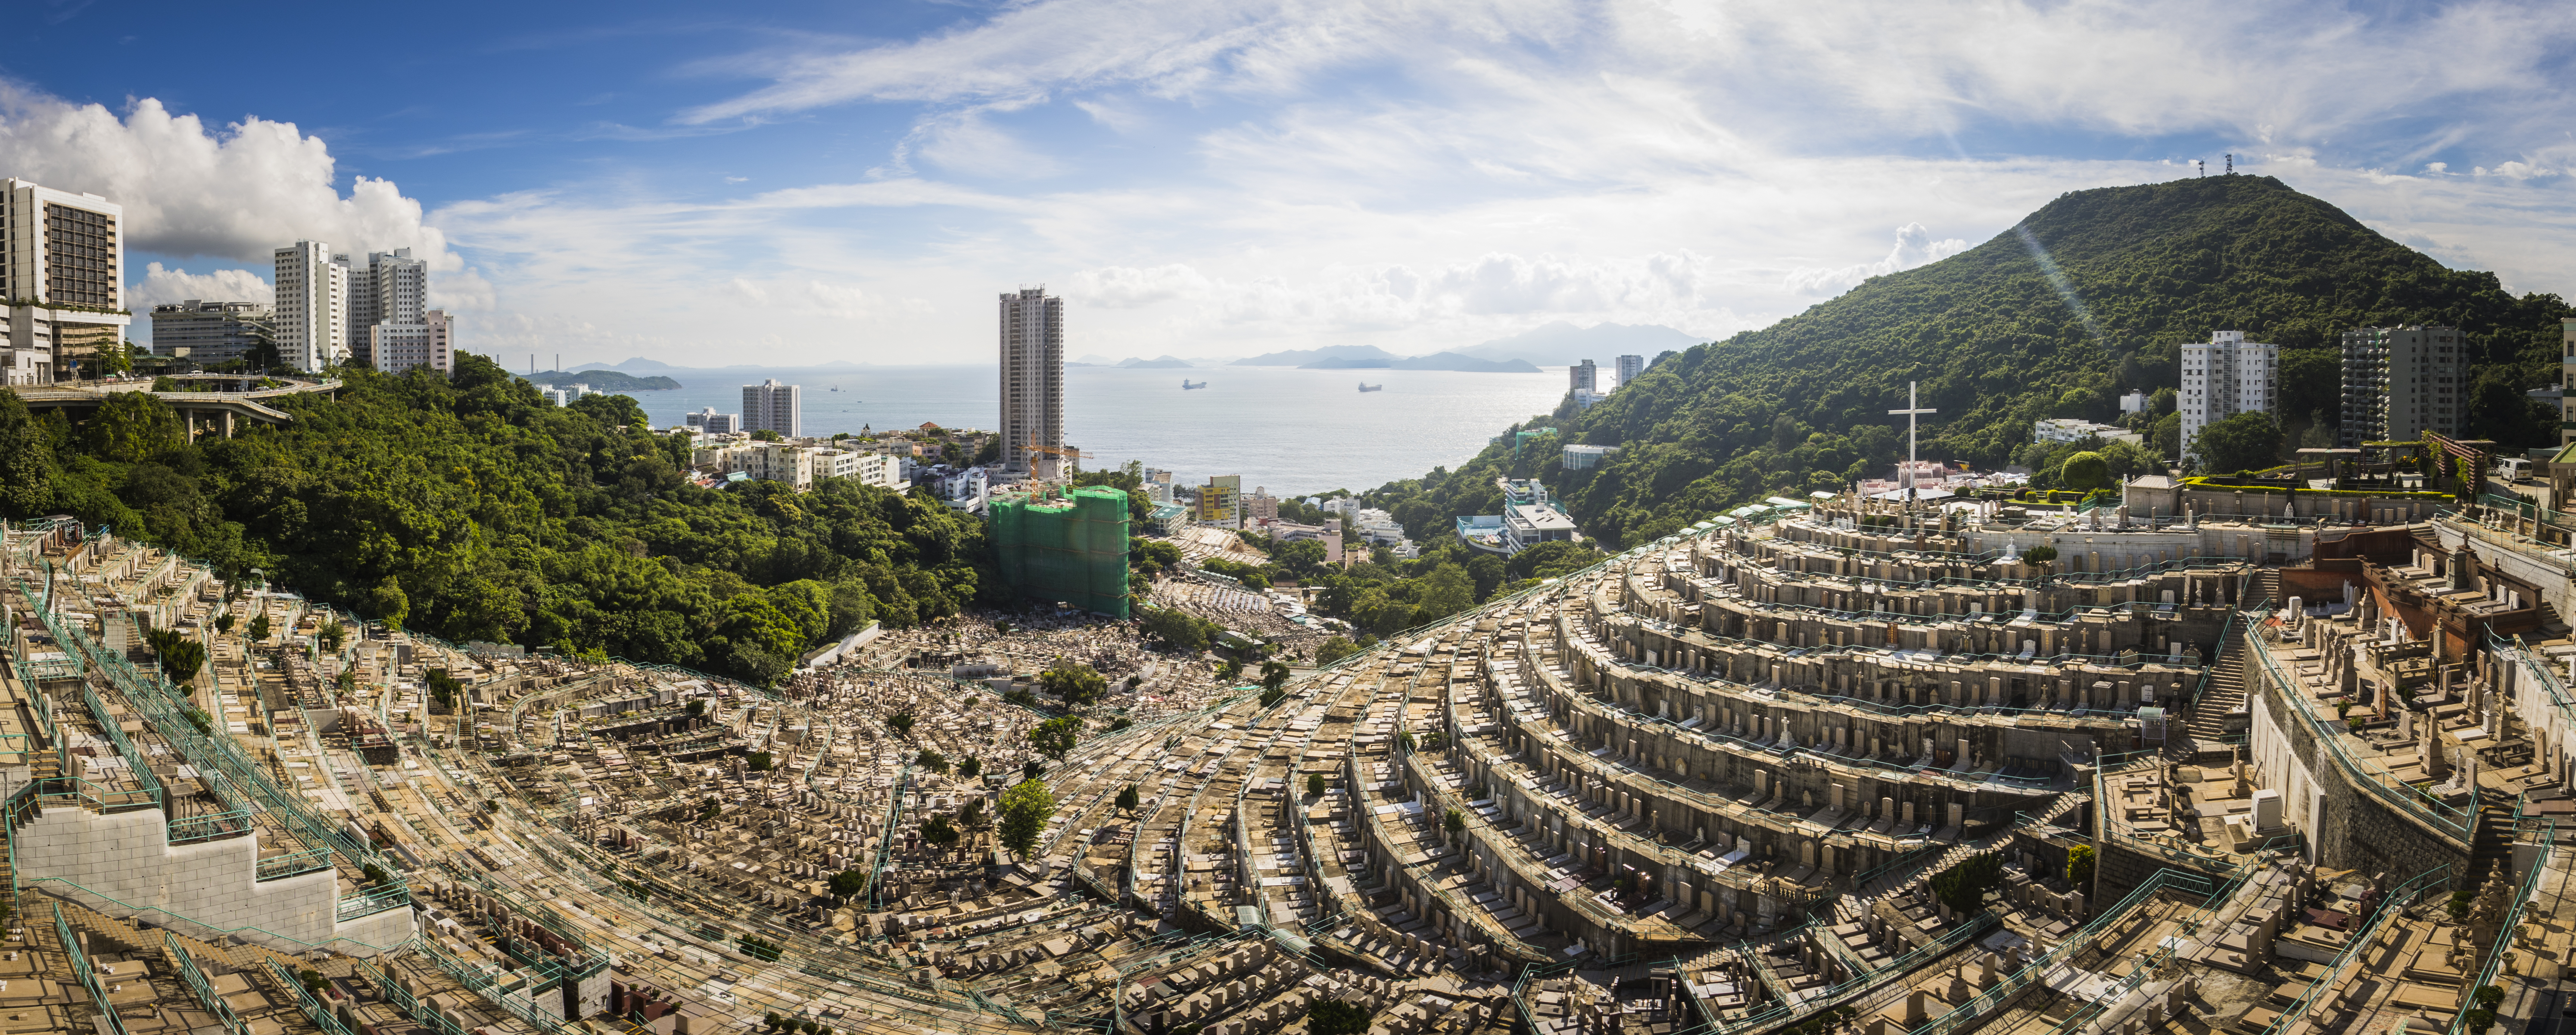 Pok Fu Lam Road Cemetery, Hong Kong